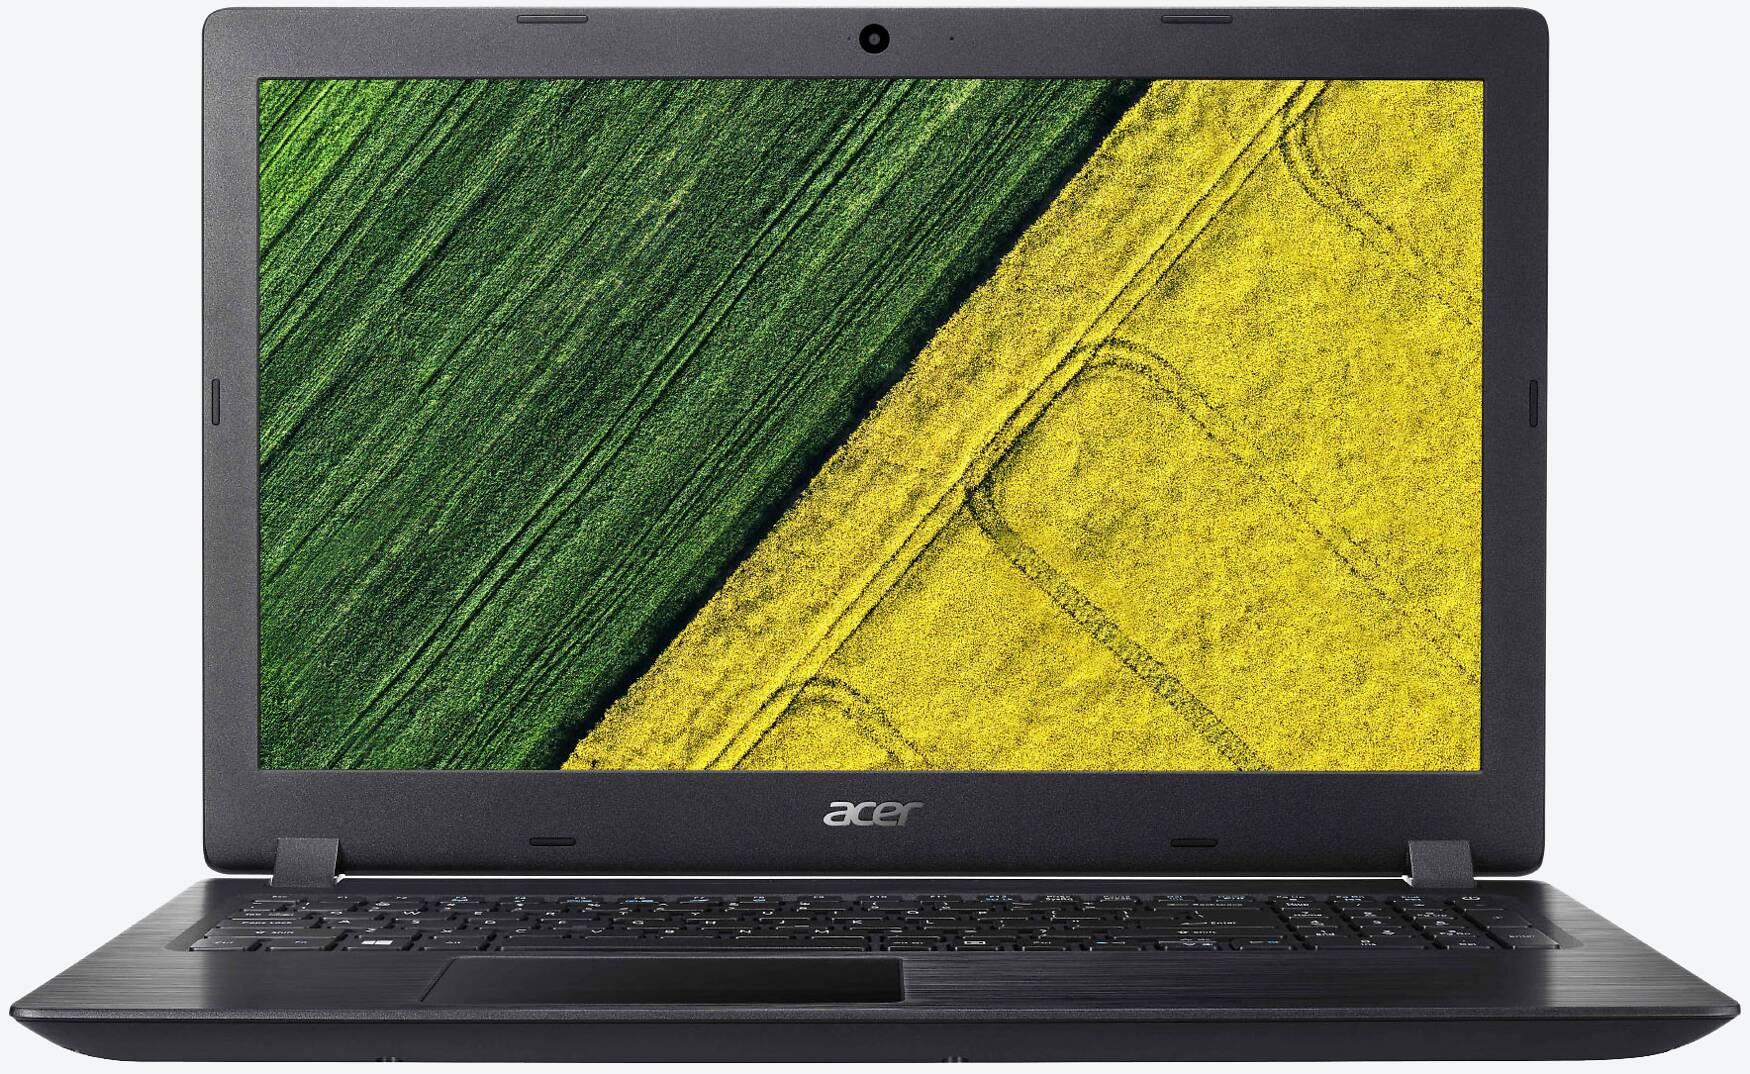 Acer Aspire 3 A315-32-P3BJ